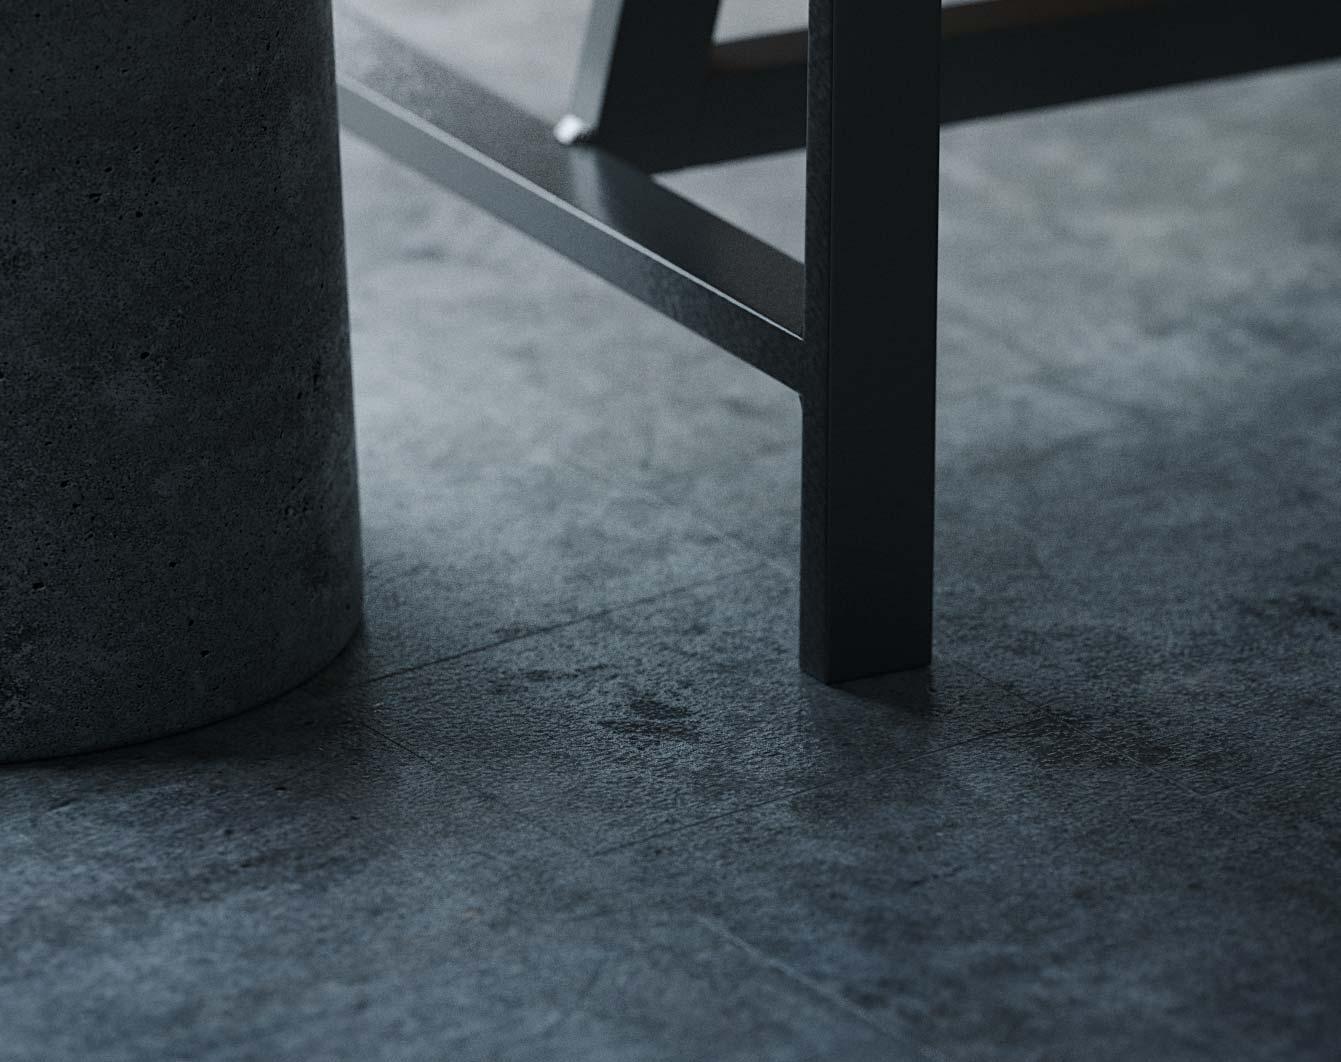 framechairdetail03